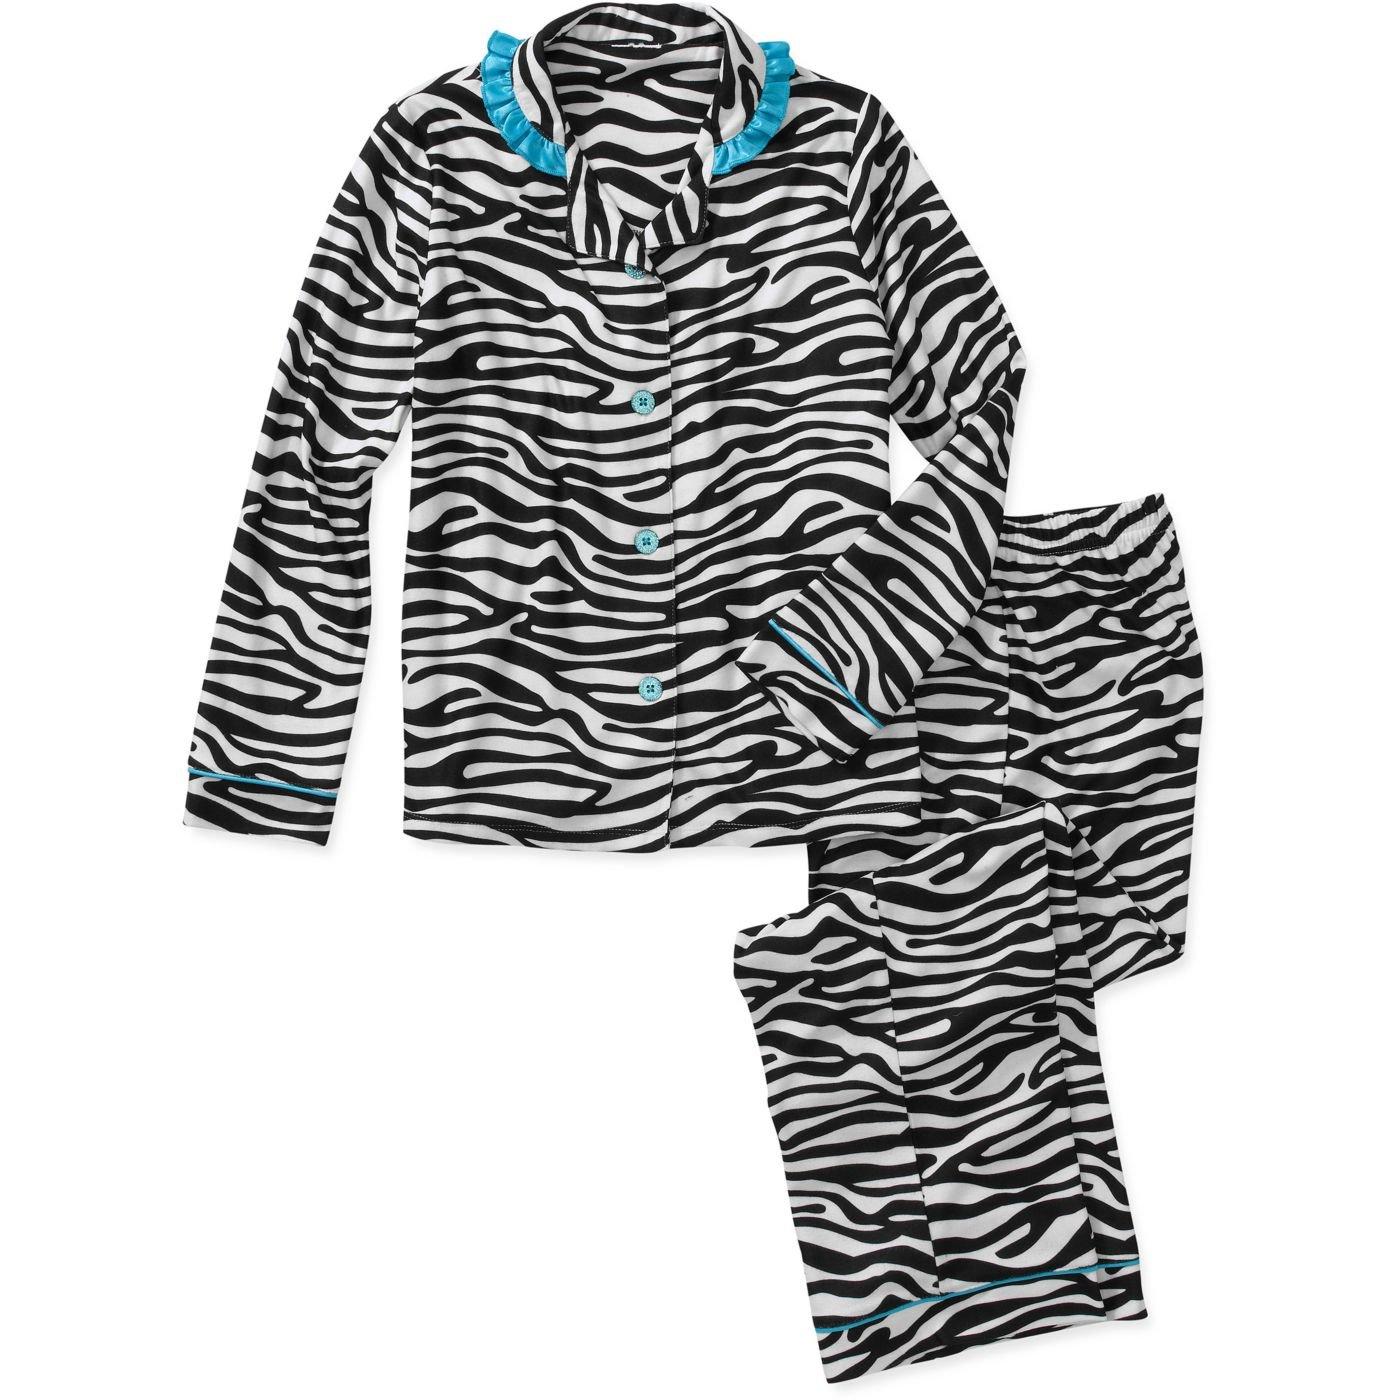 Komar Kids Big Girls Printed Coat Set (4/5, White)